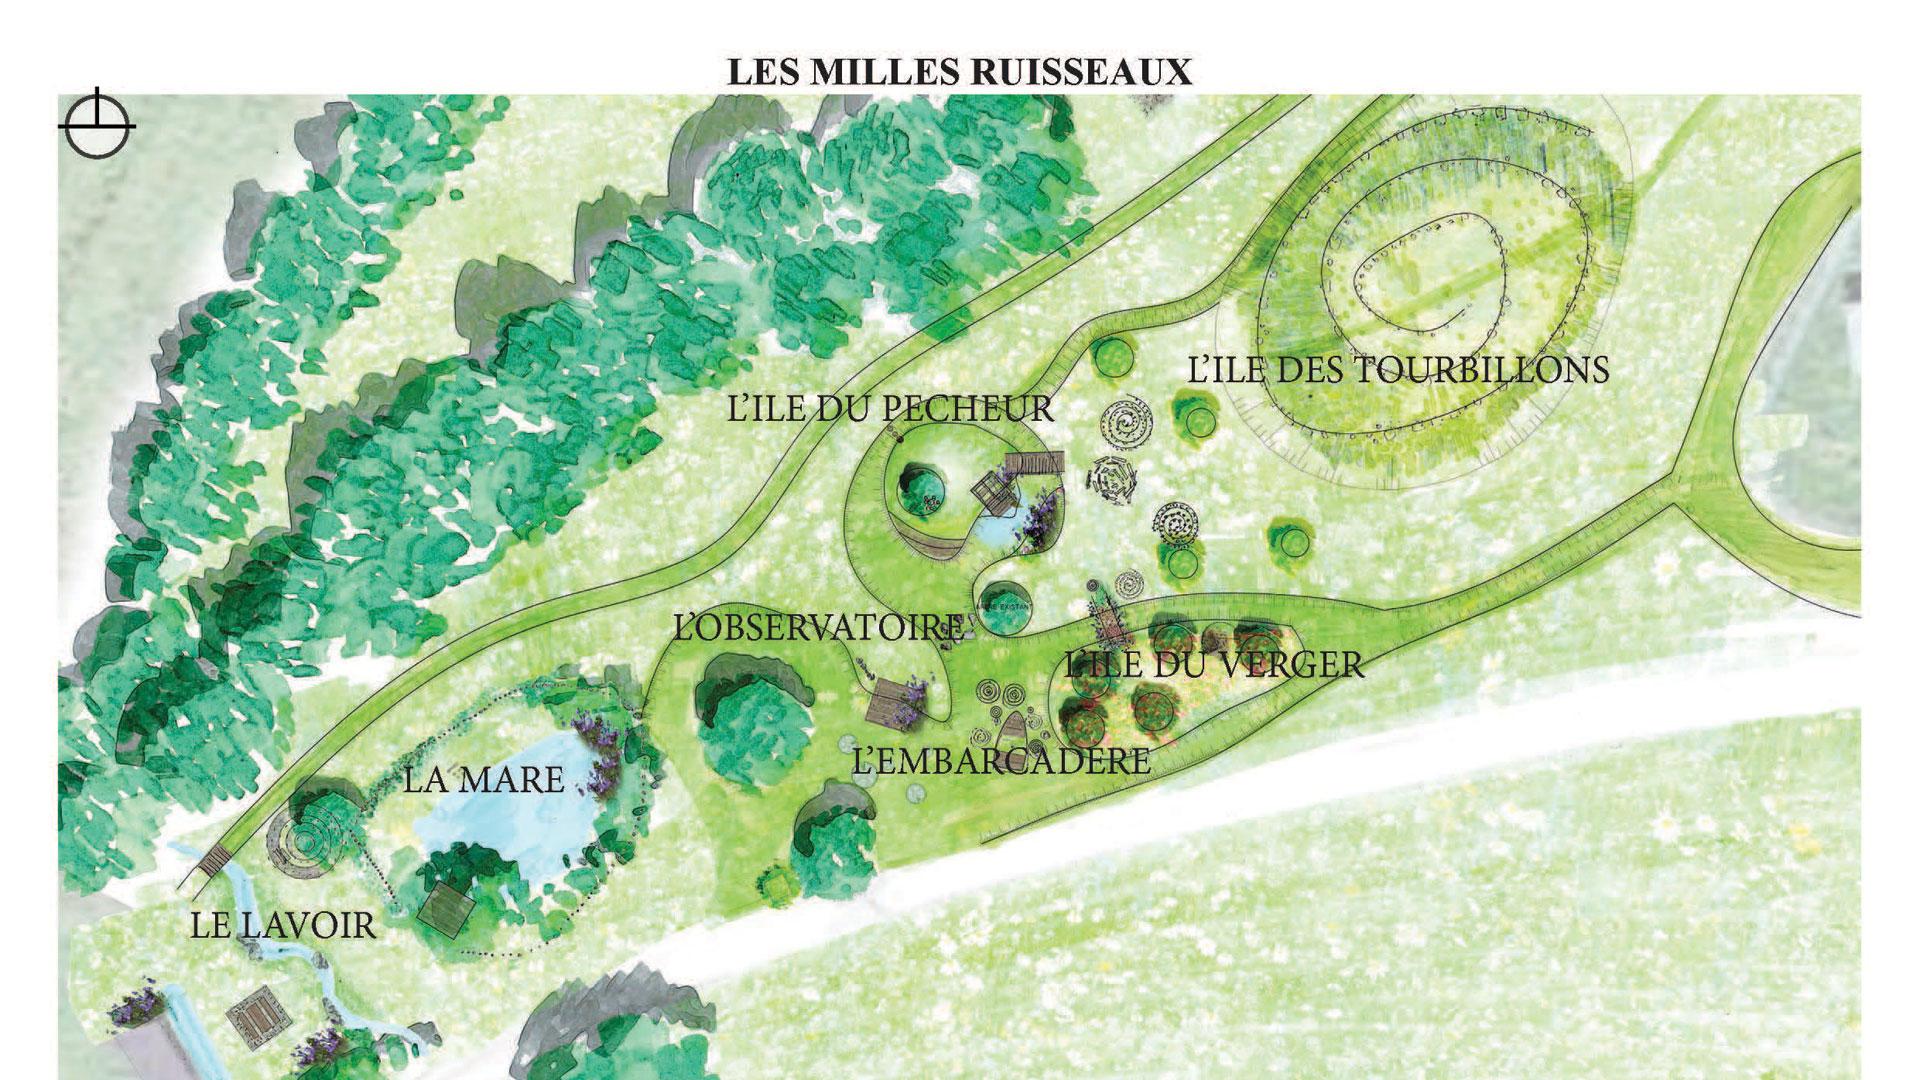 Plan du jardin des mille ruisseaux à Bréteil